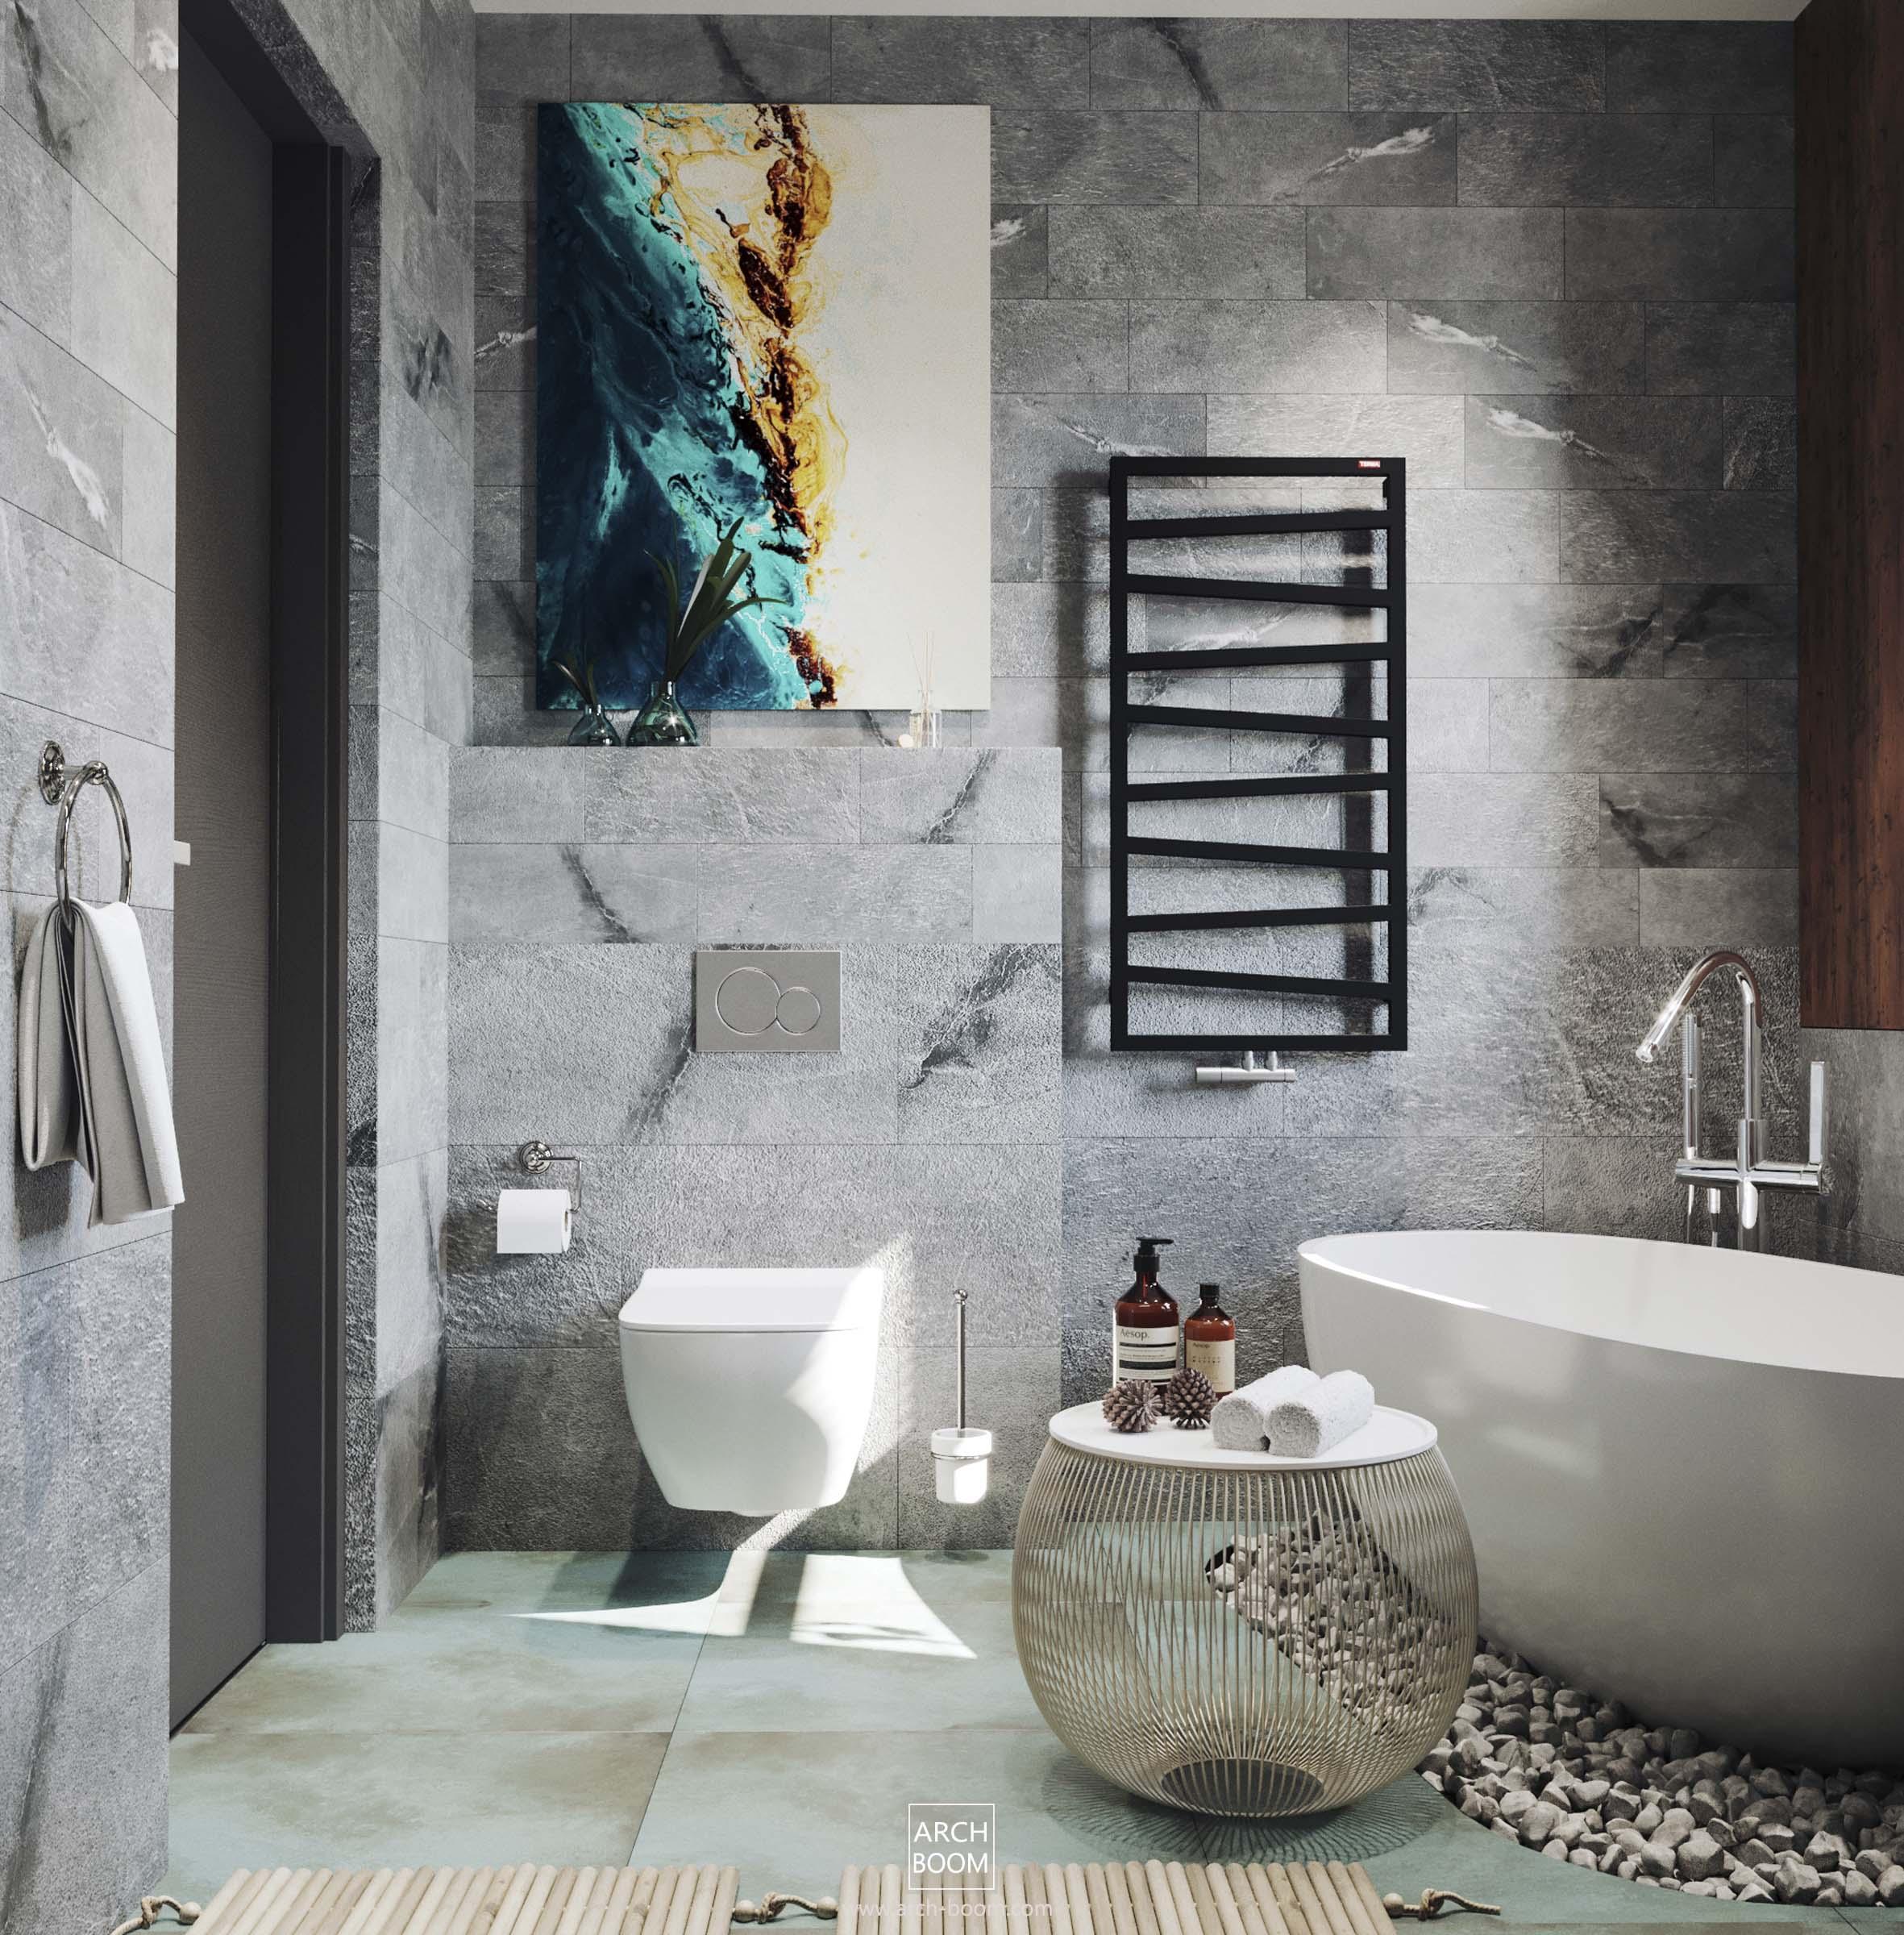 łazienka w szarościach z akcentem turkusowym i złotem